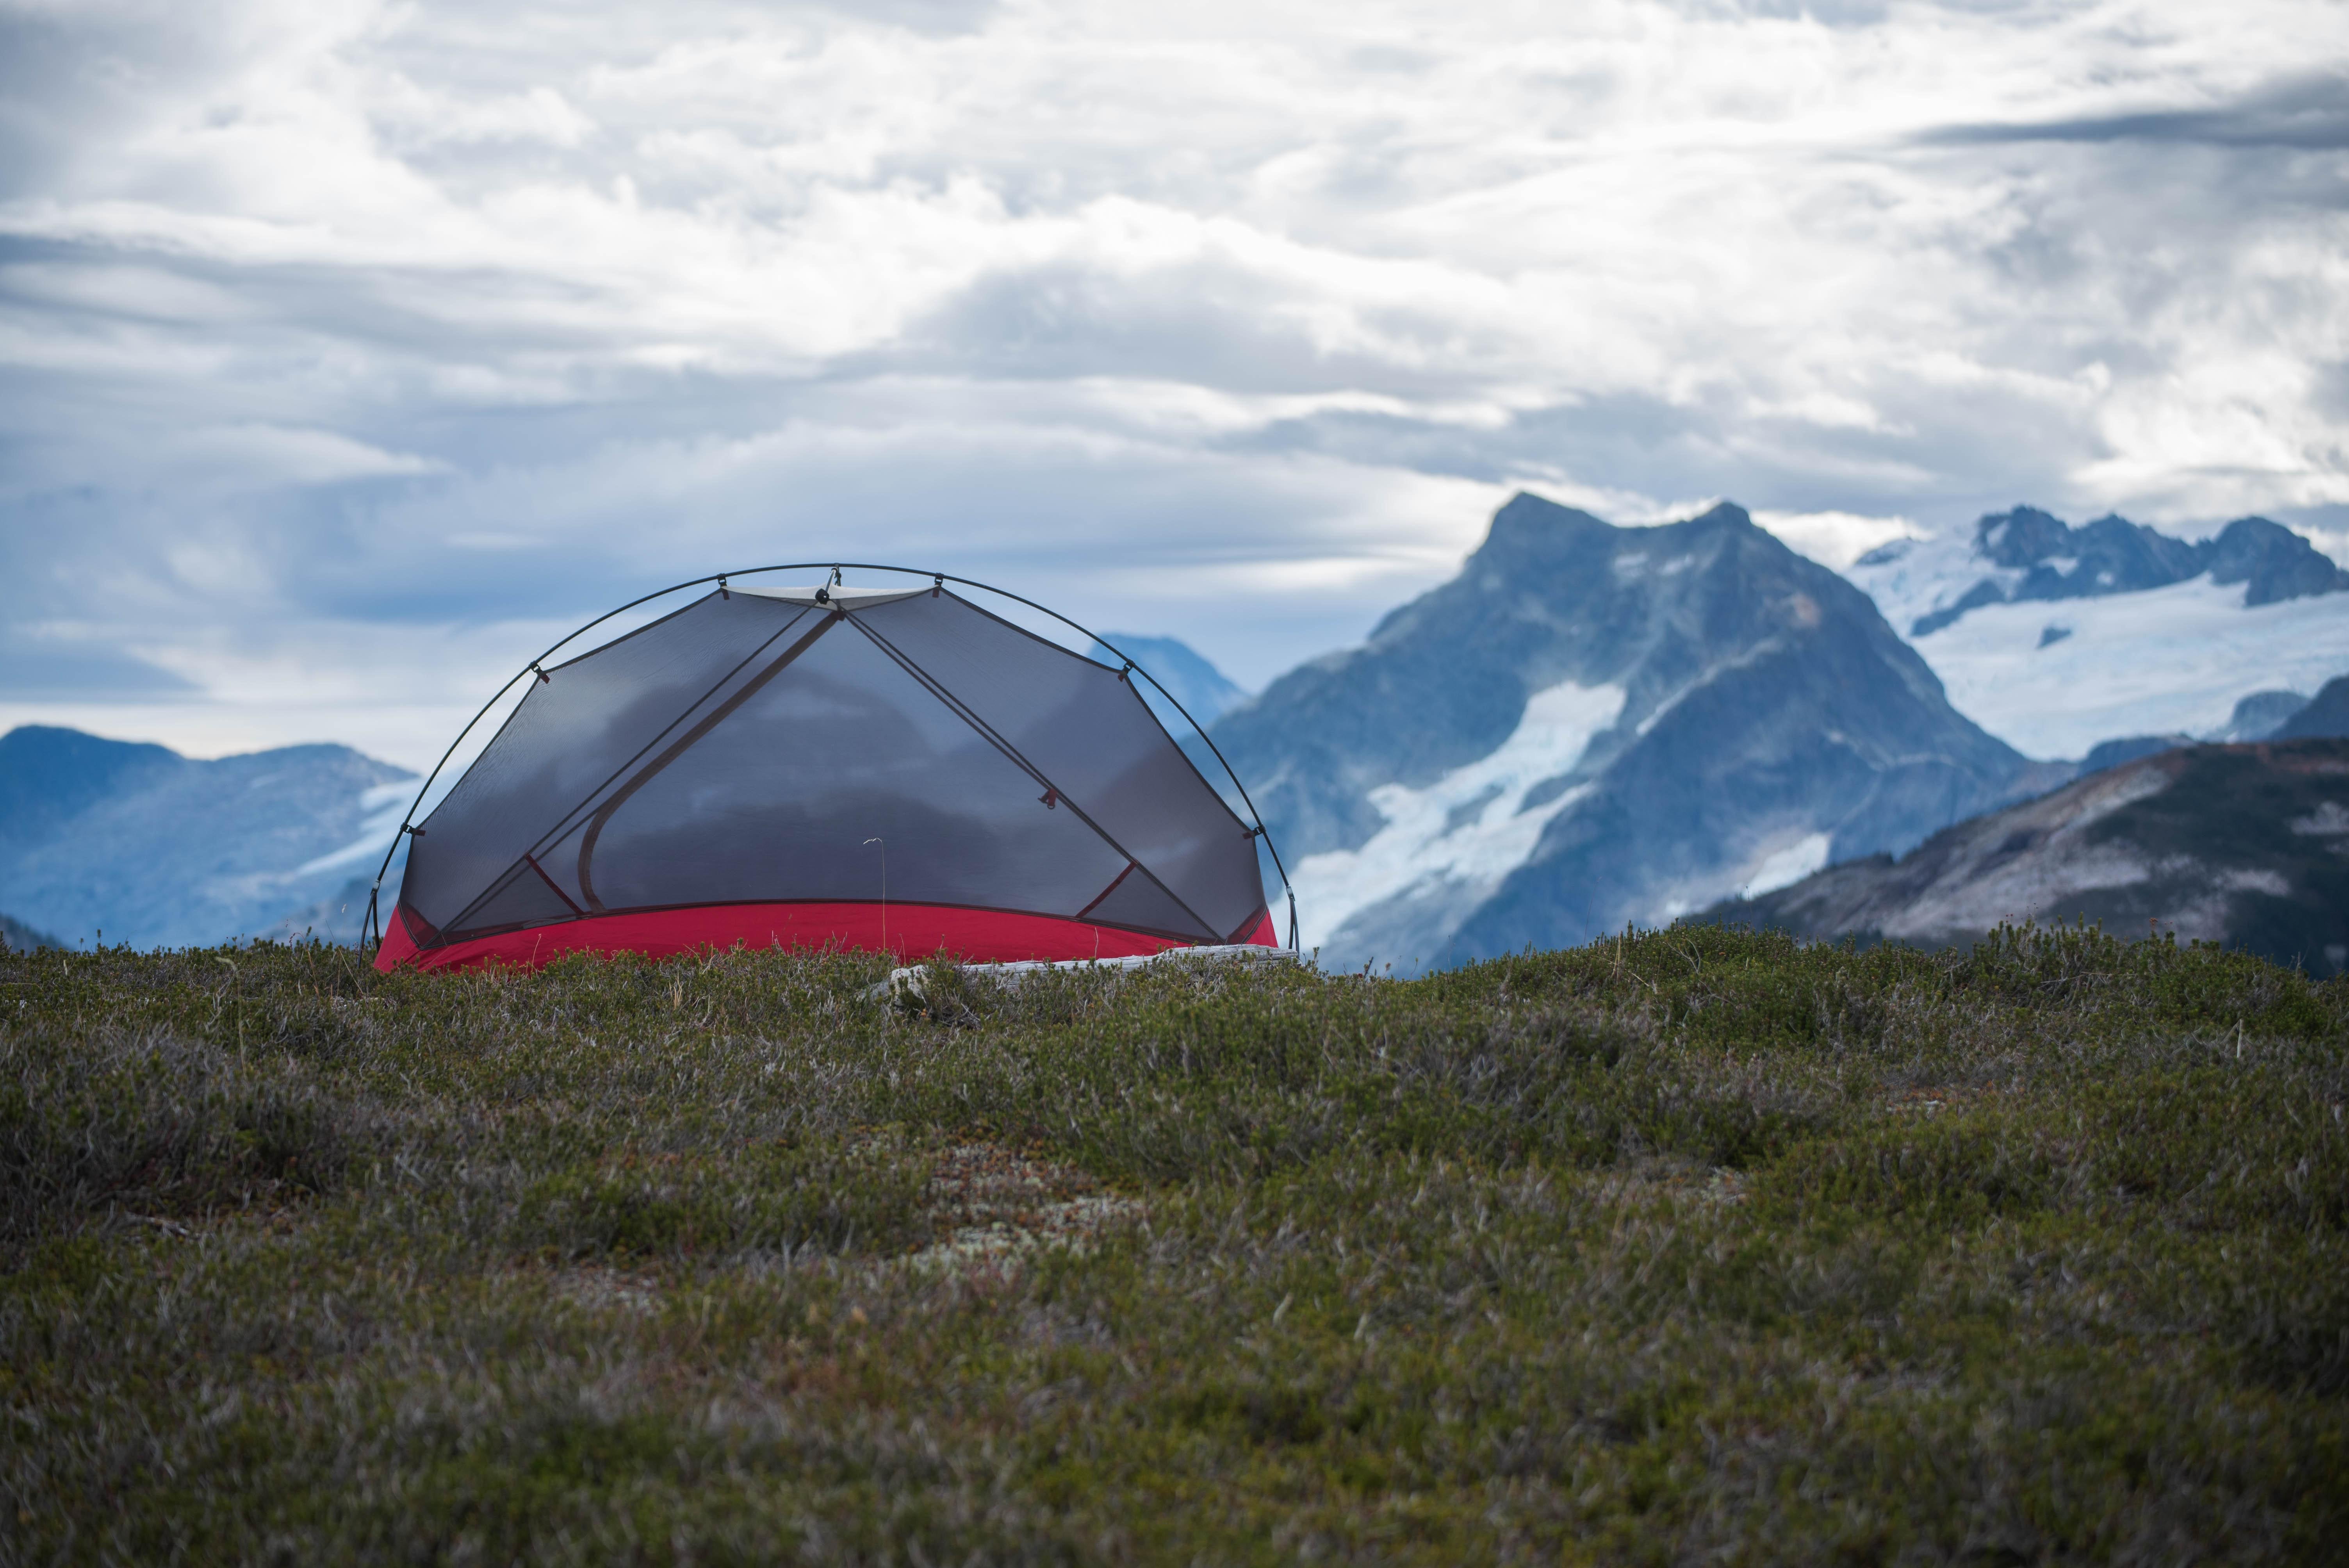 çadır sinelik dağ doğa kamp